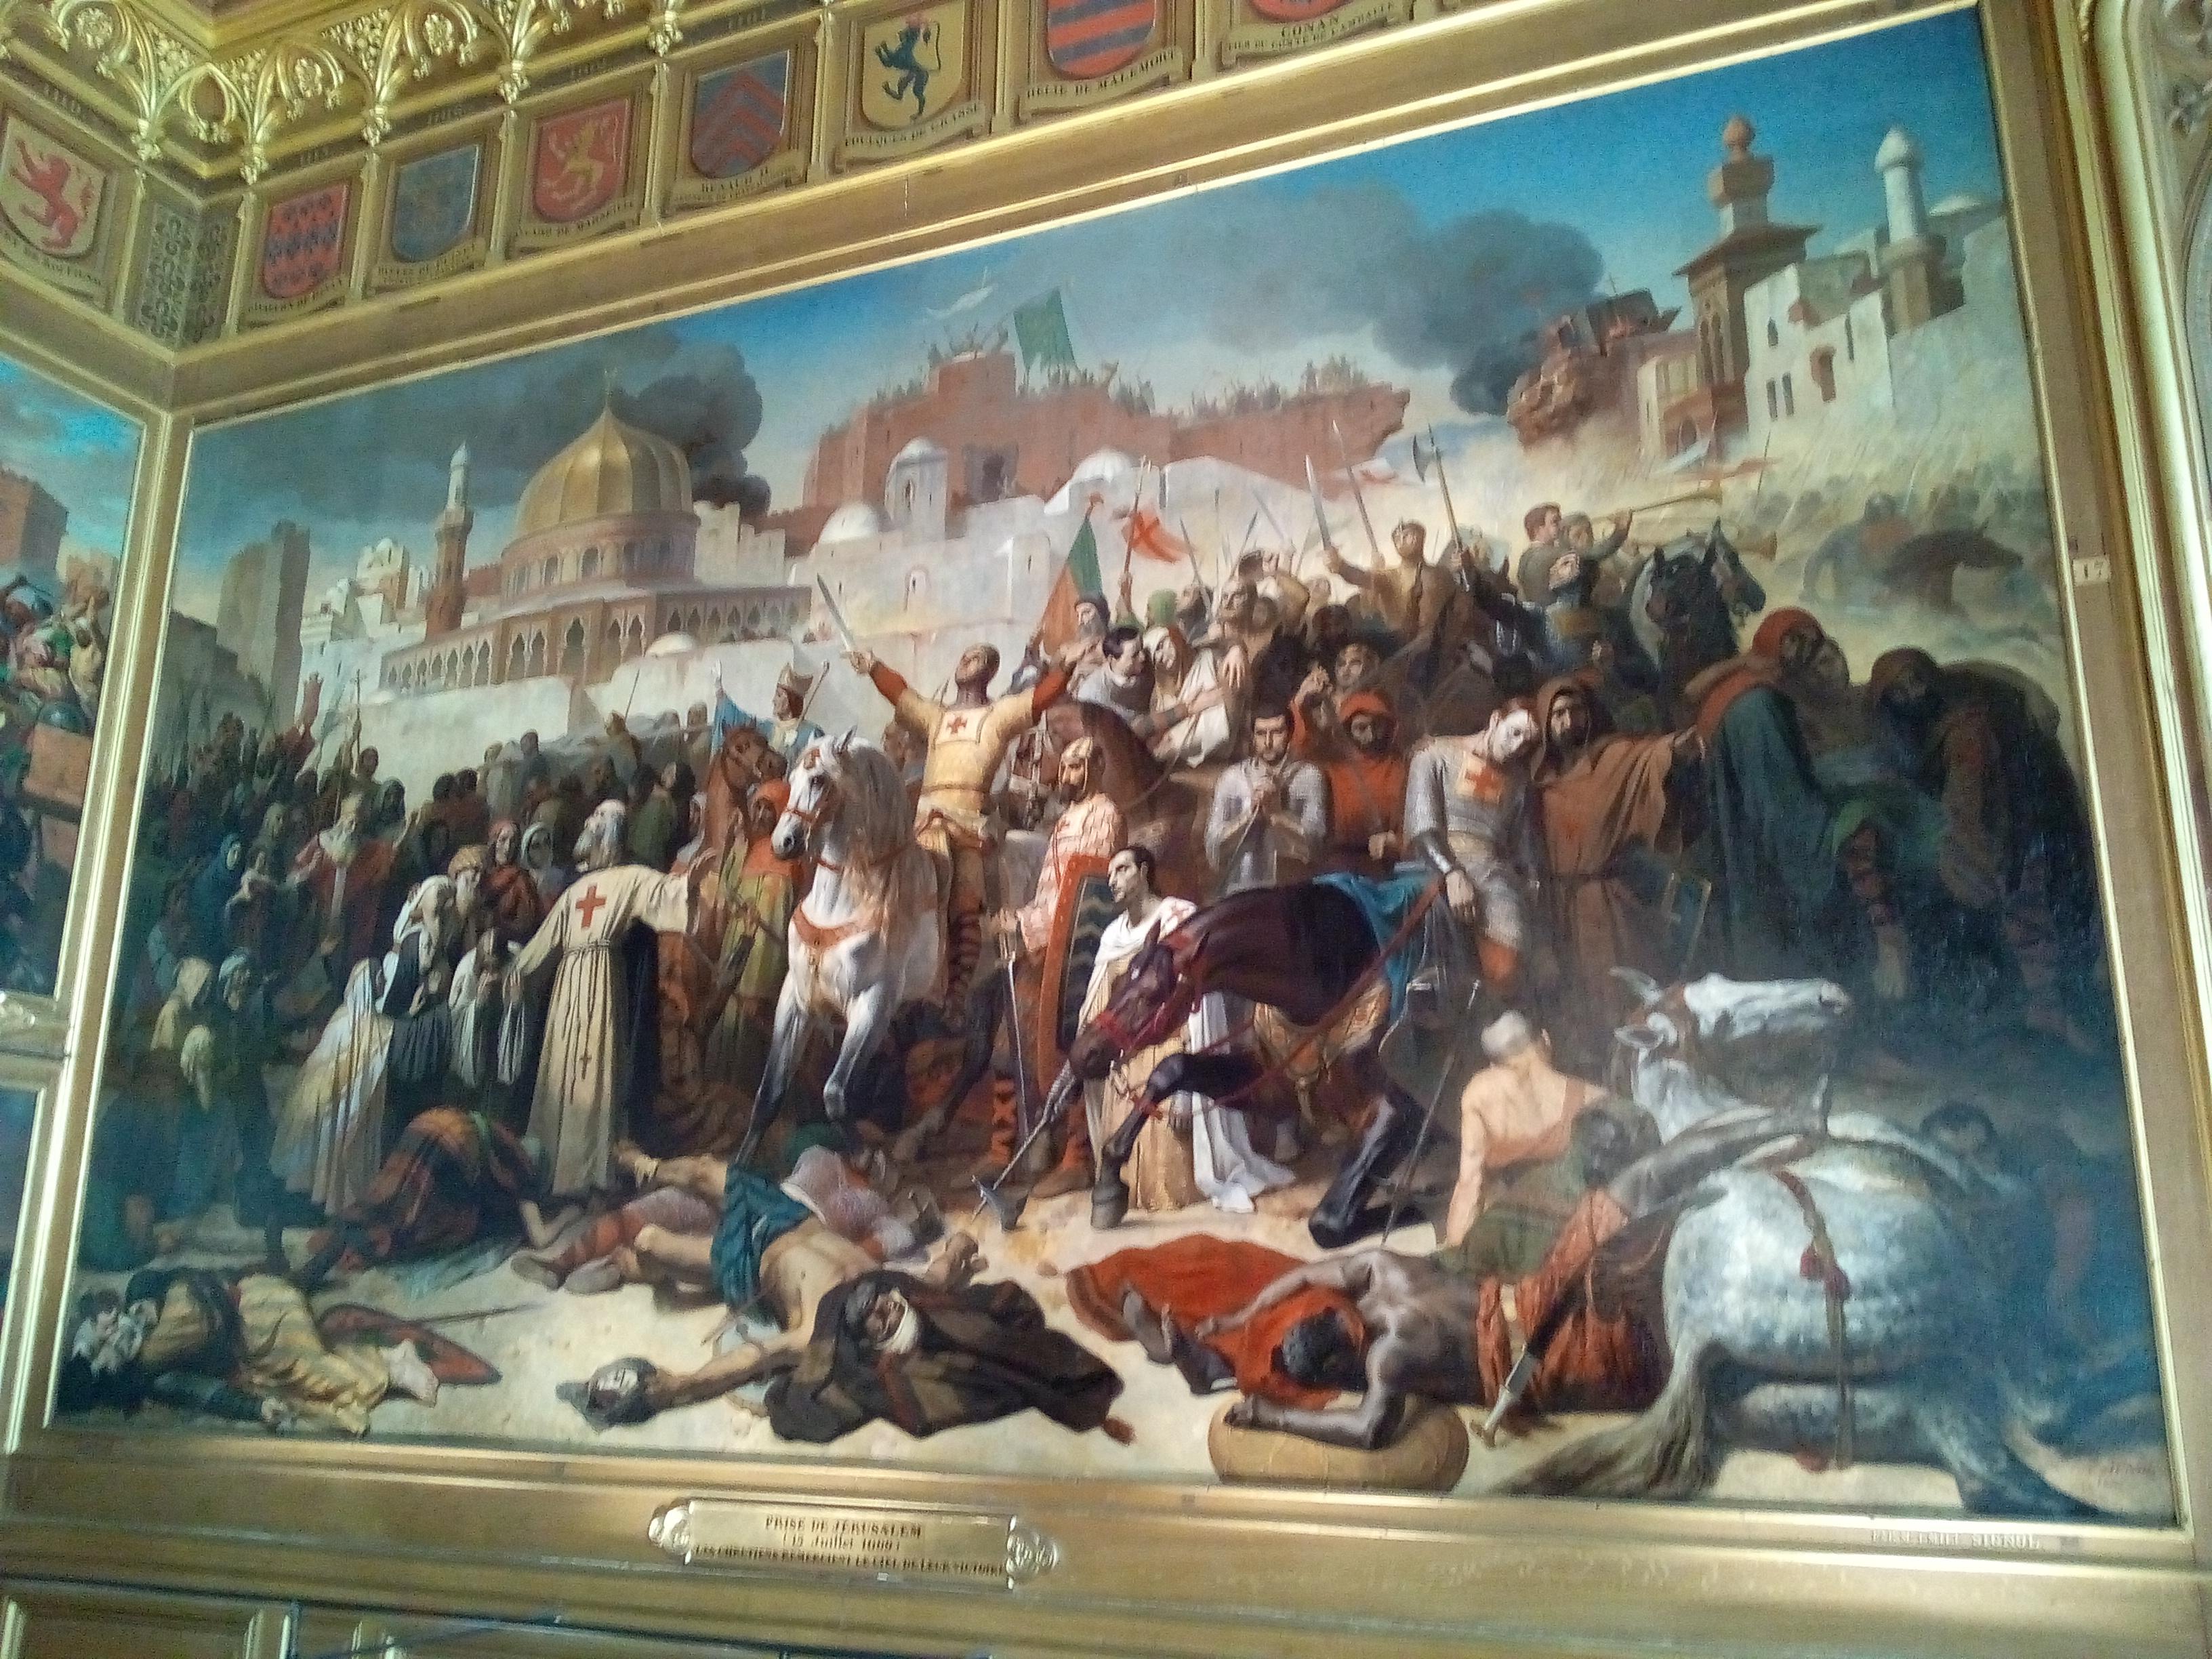 Salle des Croisades du château de Versailles, La ville de Ptolémaïs remise à Philippe-Auguste et Richard-Cœur-de-Lion, 13 juillet 1191